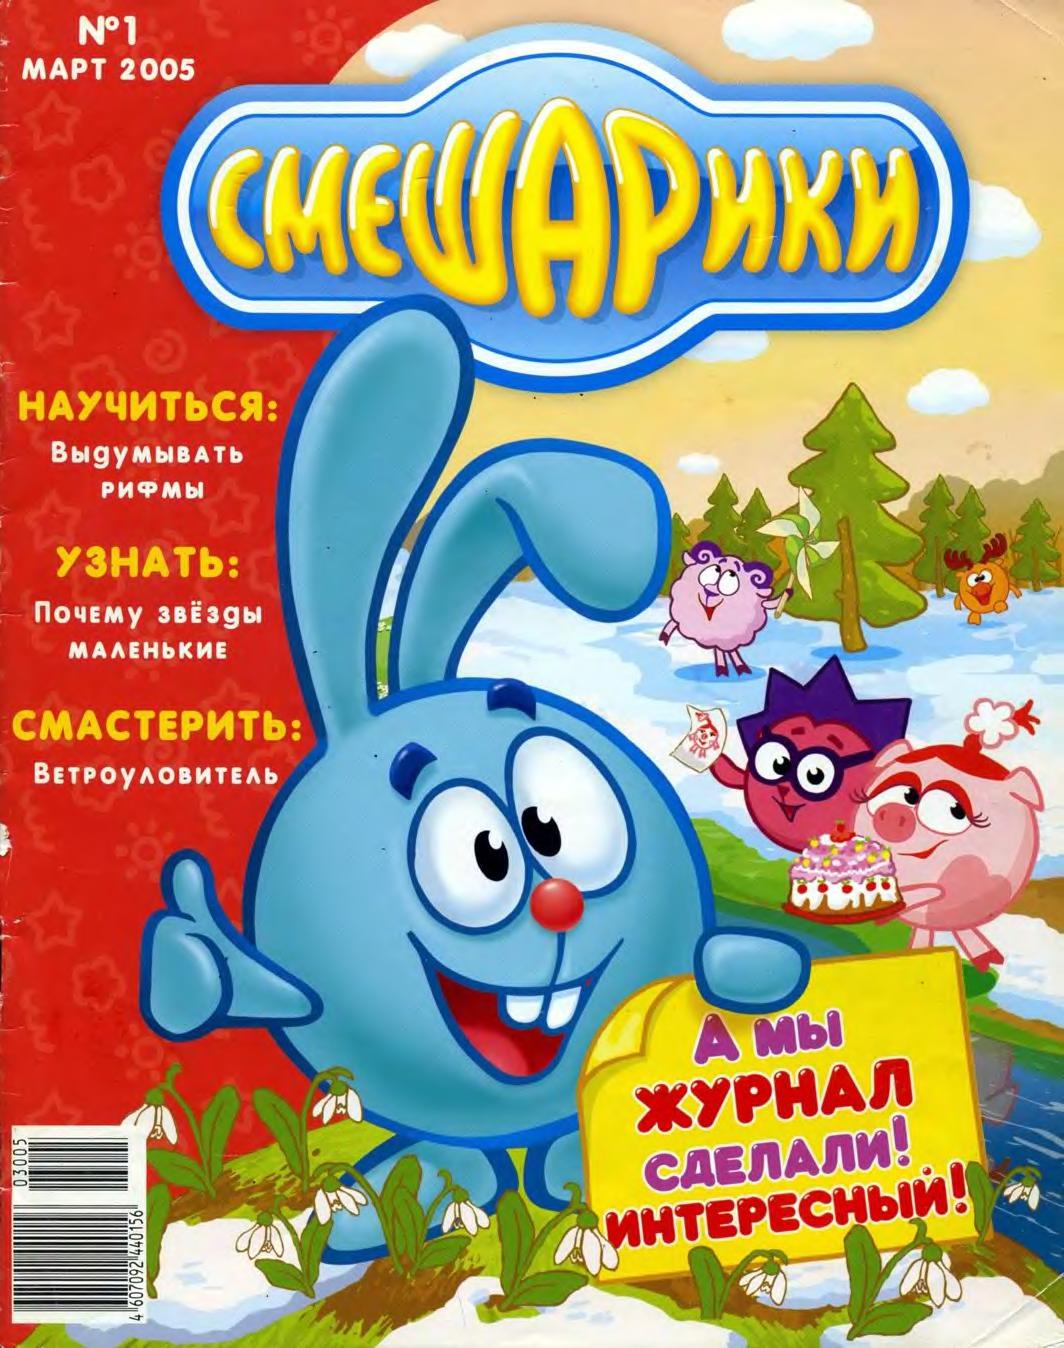 Картинки с надписью в мире детских журналов, новый год поздравлением